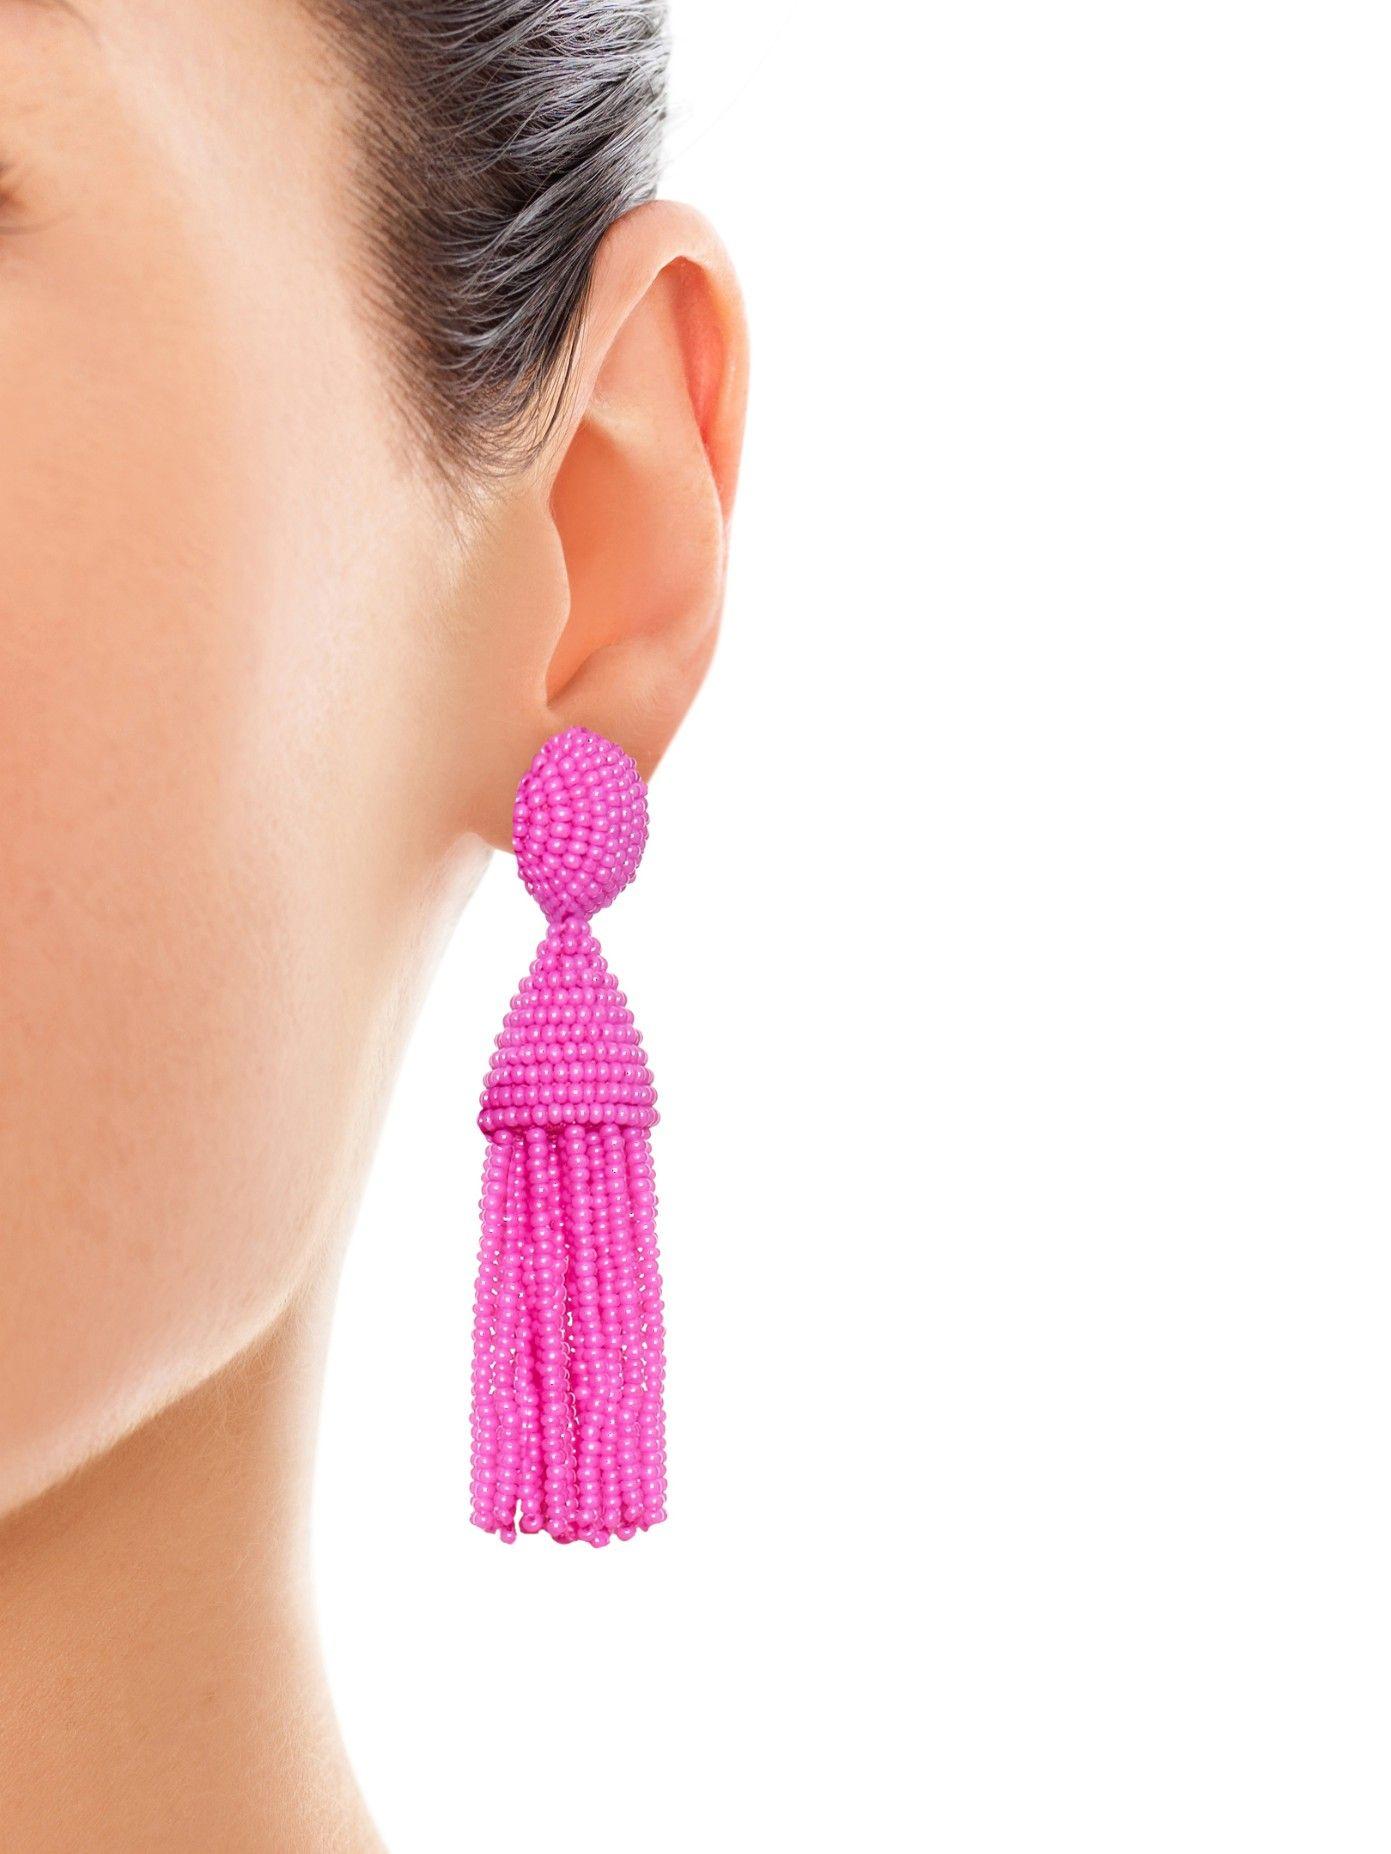 Boucles D'oreilles Pompon Perles - Rose Et Violet Oscar De La Renta hYqZJy08